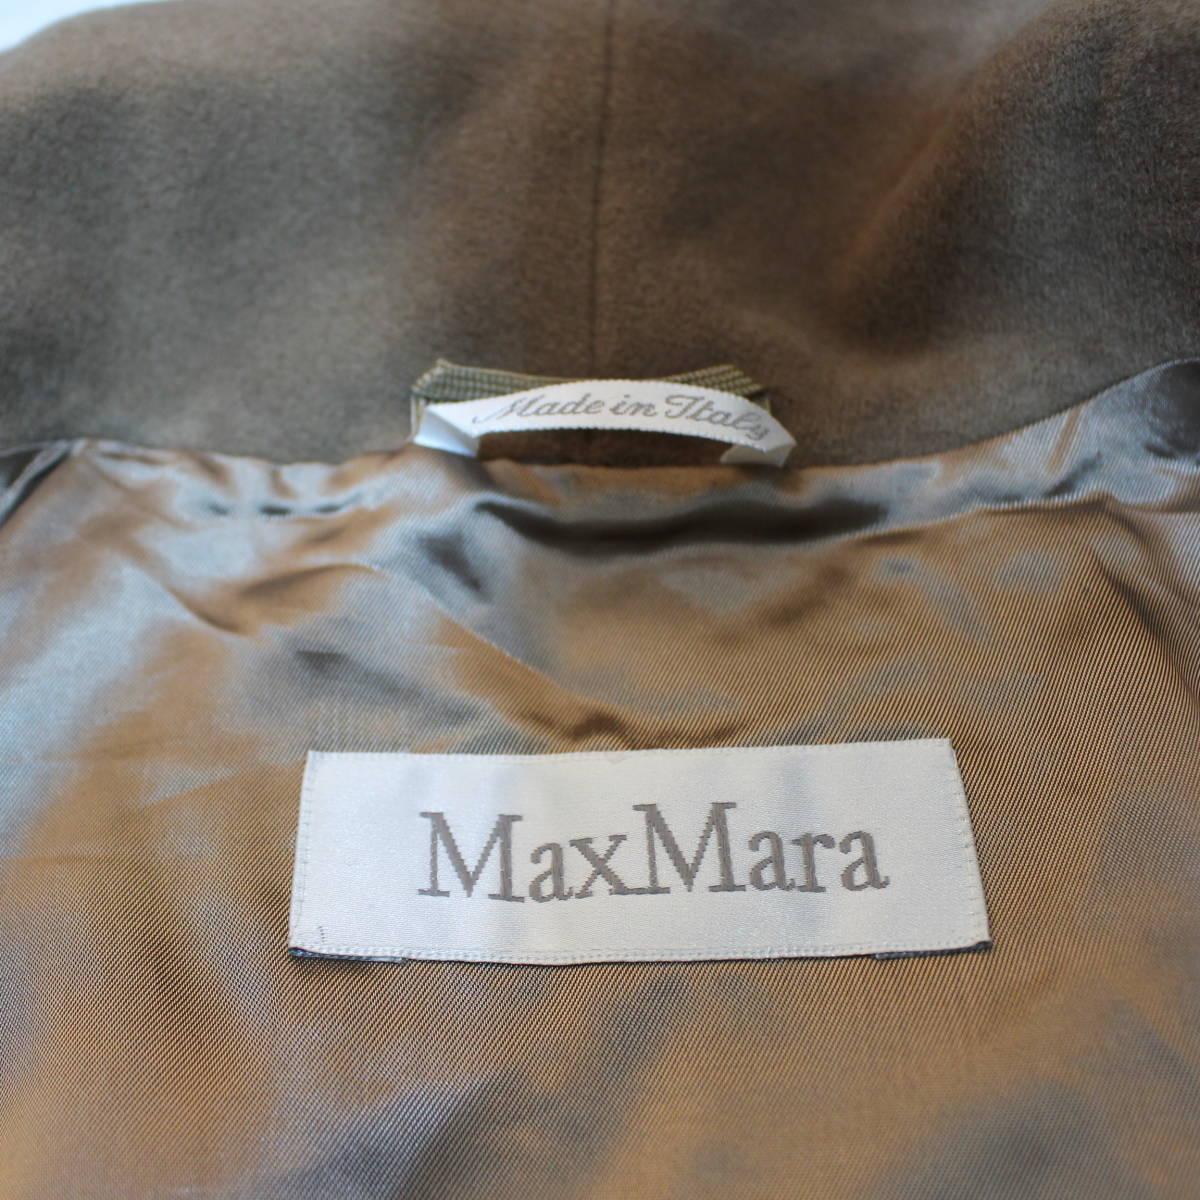 MAX MARA WHITE TAG ANGORA BREND WOOL SHAWL COLLAR OVER COATマックスマーラ白タグアンゴラ混ショールカラーオーバーコート_画像9